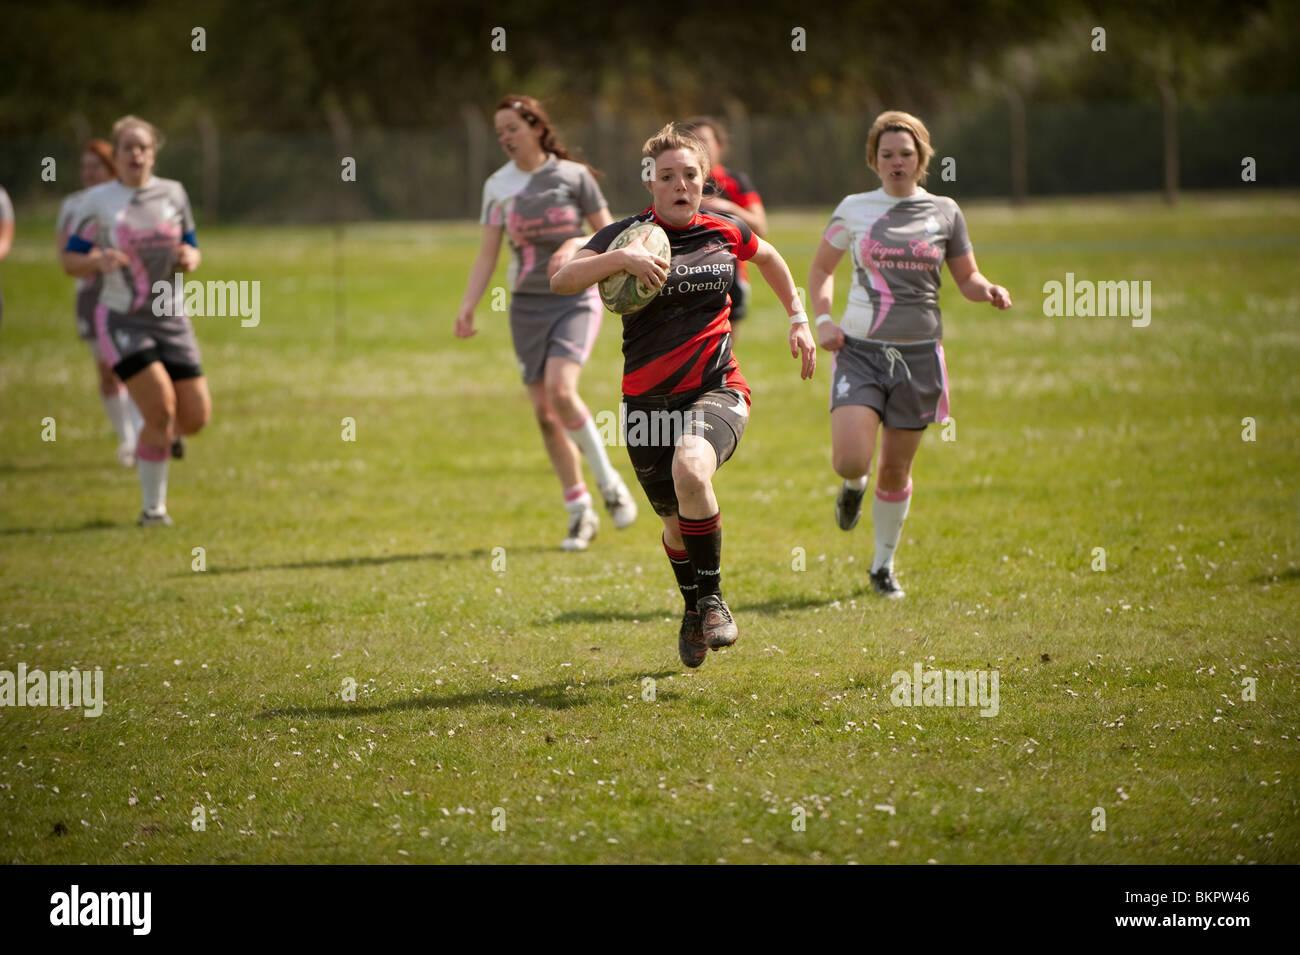 Aberystwyth universidad estudiantes mujeres compitiendo en un torneo de rugby a siete laterales, Gales, Reino Unido Imagen De Stock